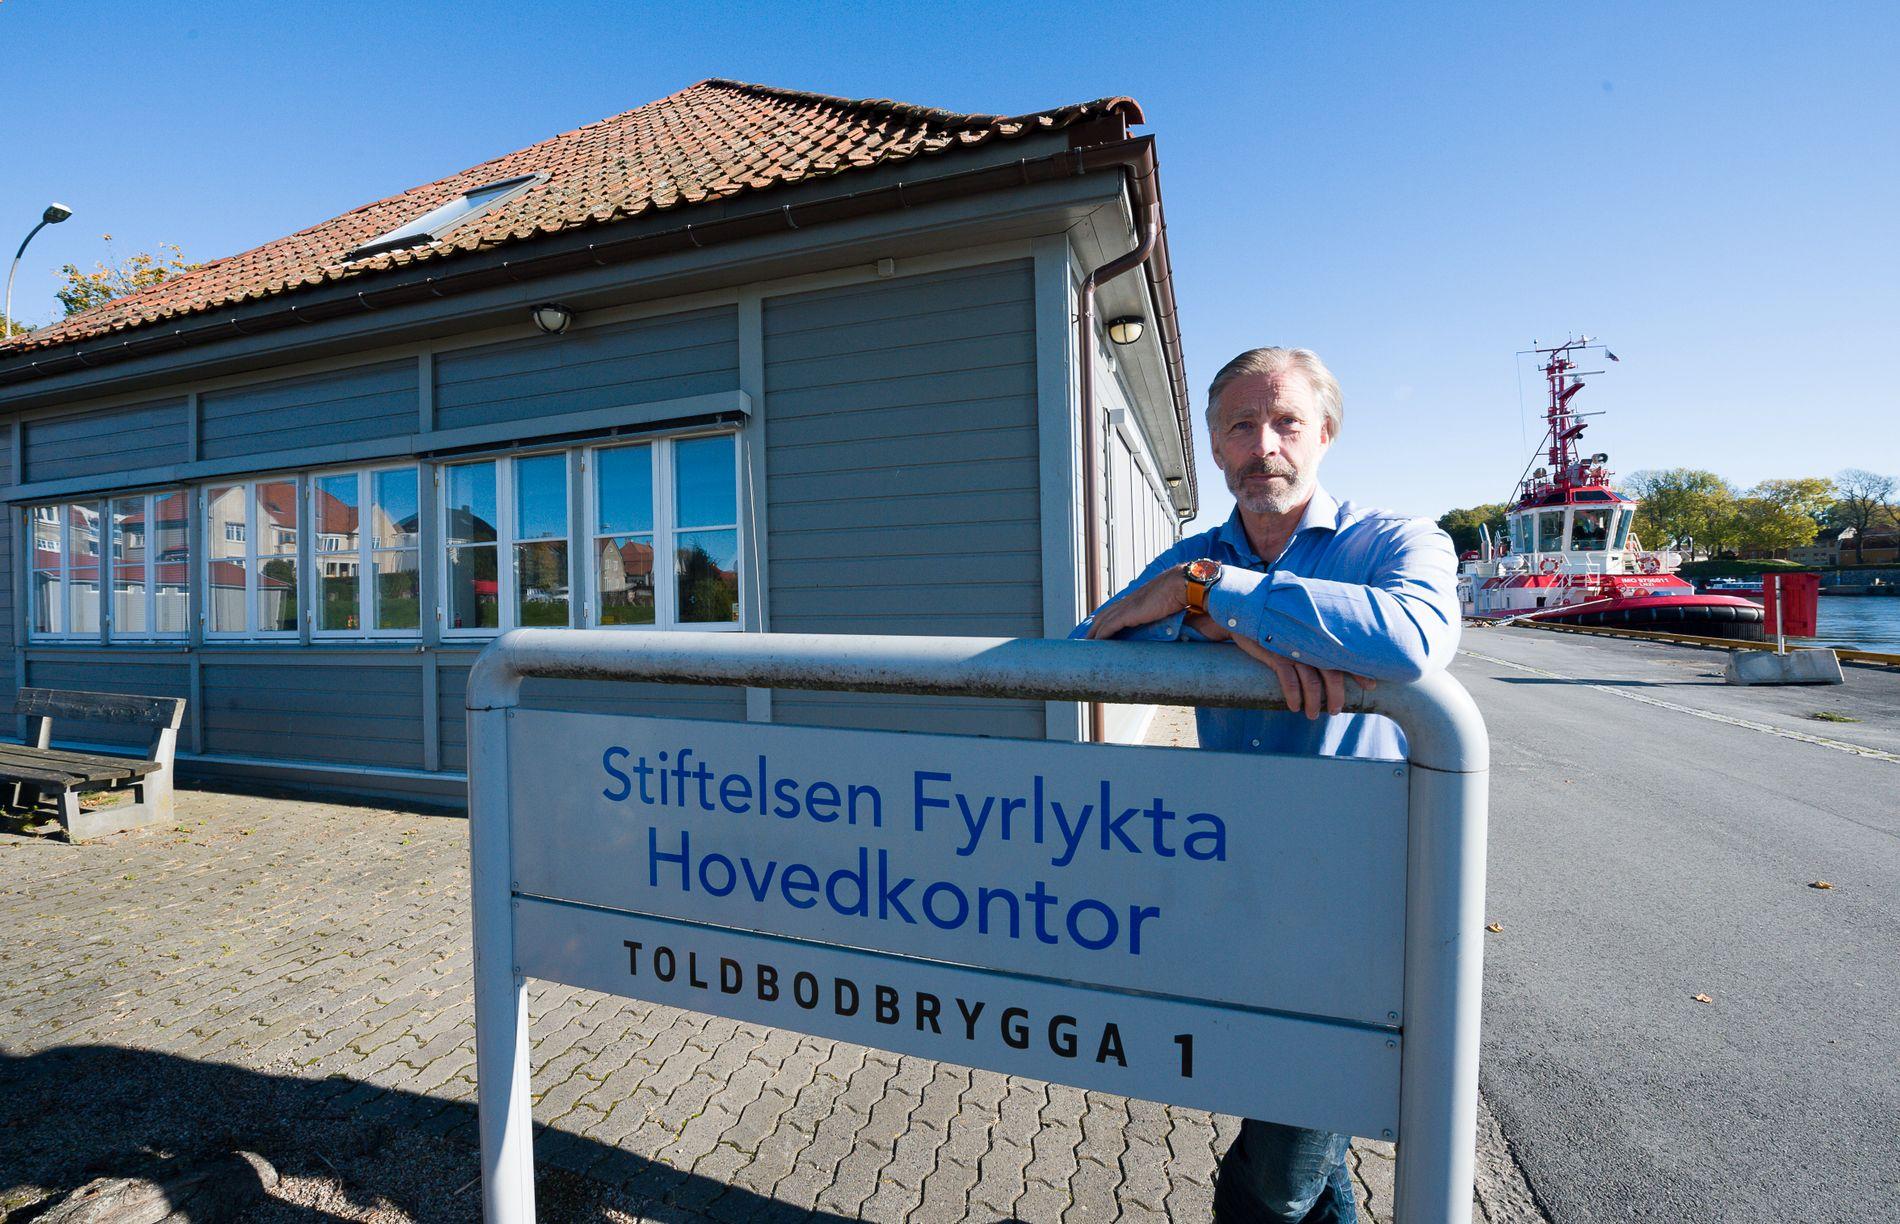 NY LEDELSE: Daglig leder i Stiftelsen Fyrlykta, Morten Nesbakken, utenfor stiftelsens lokaler i Fredrikstad.